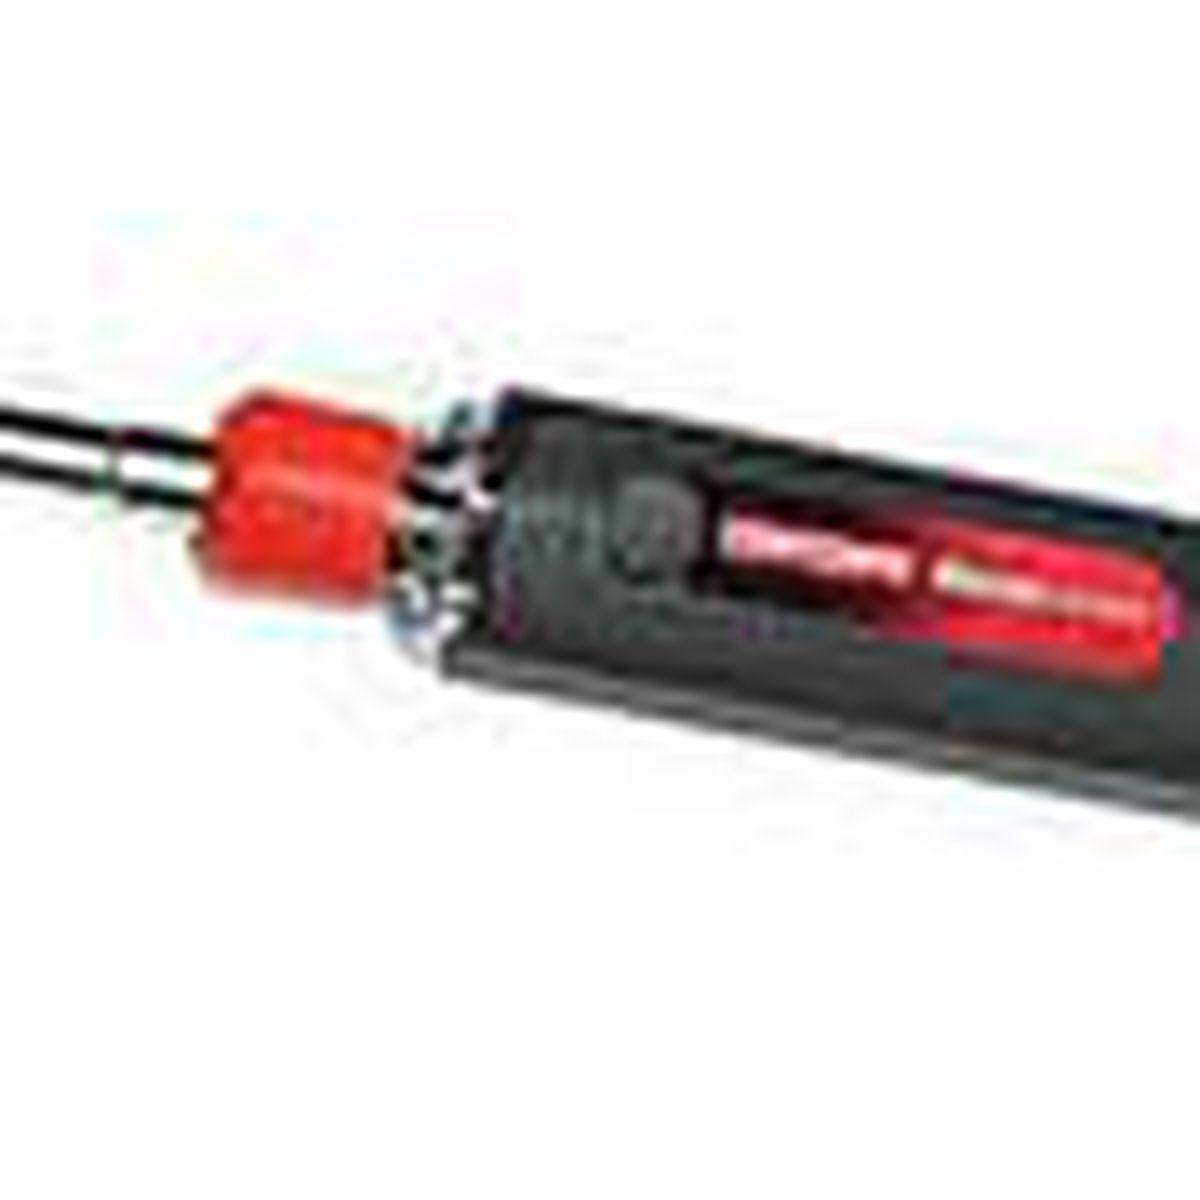 multi-bit screwdriver